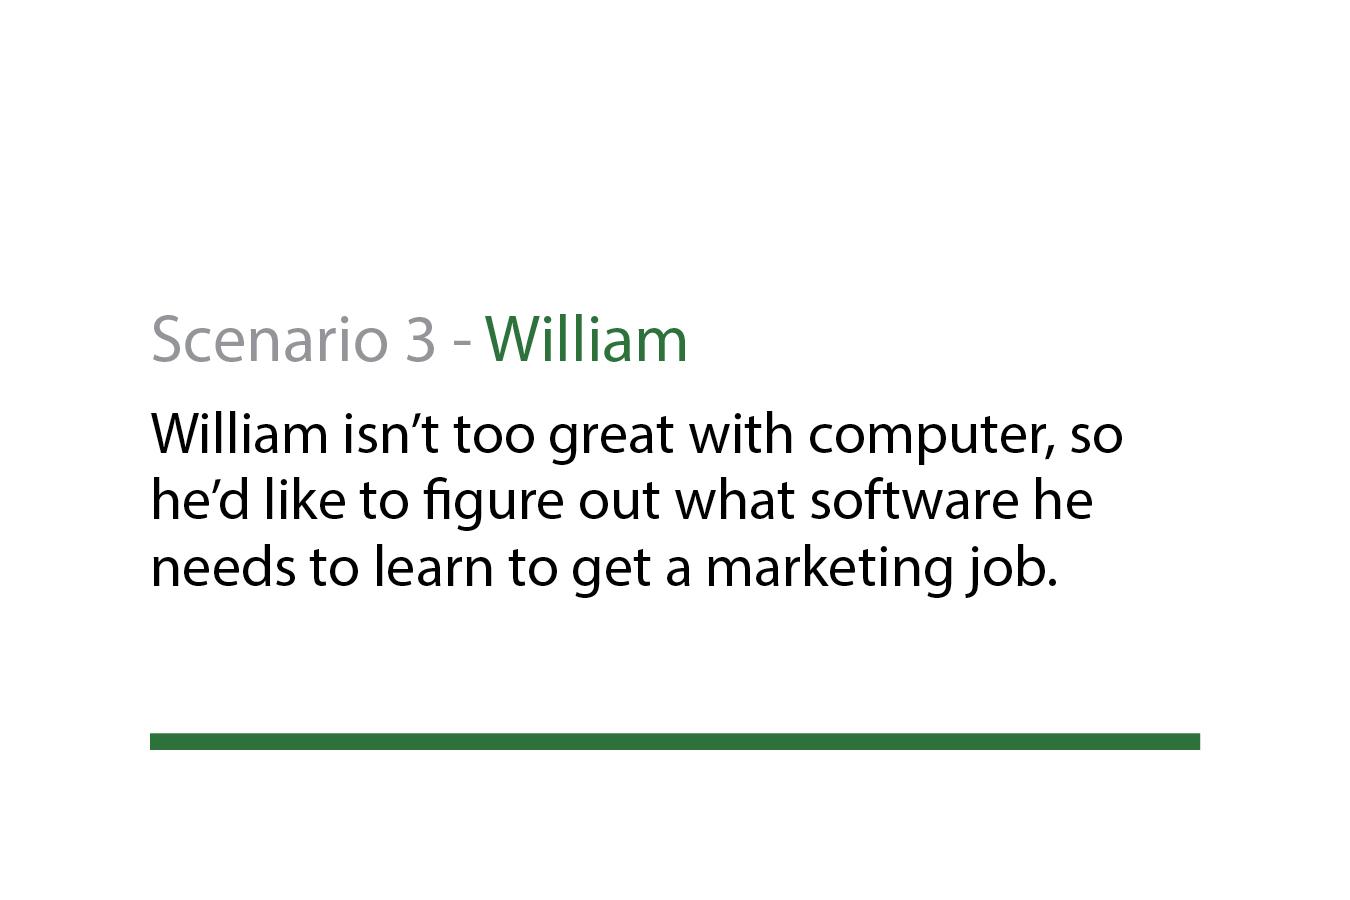 scenarios_william3.jpg